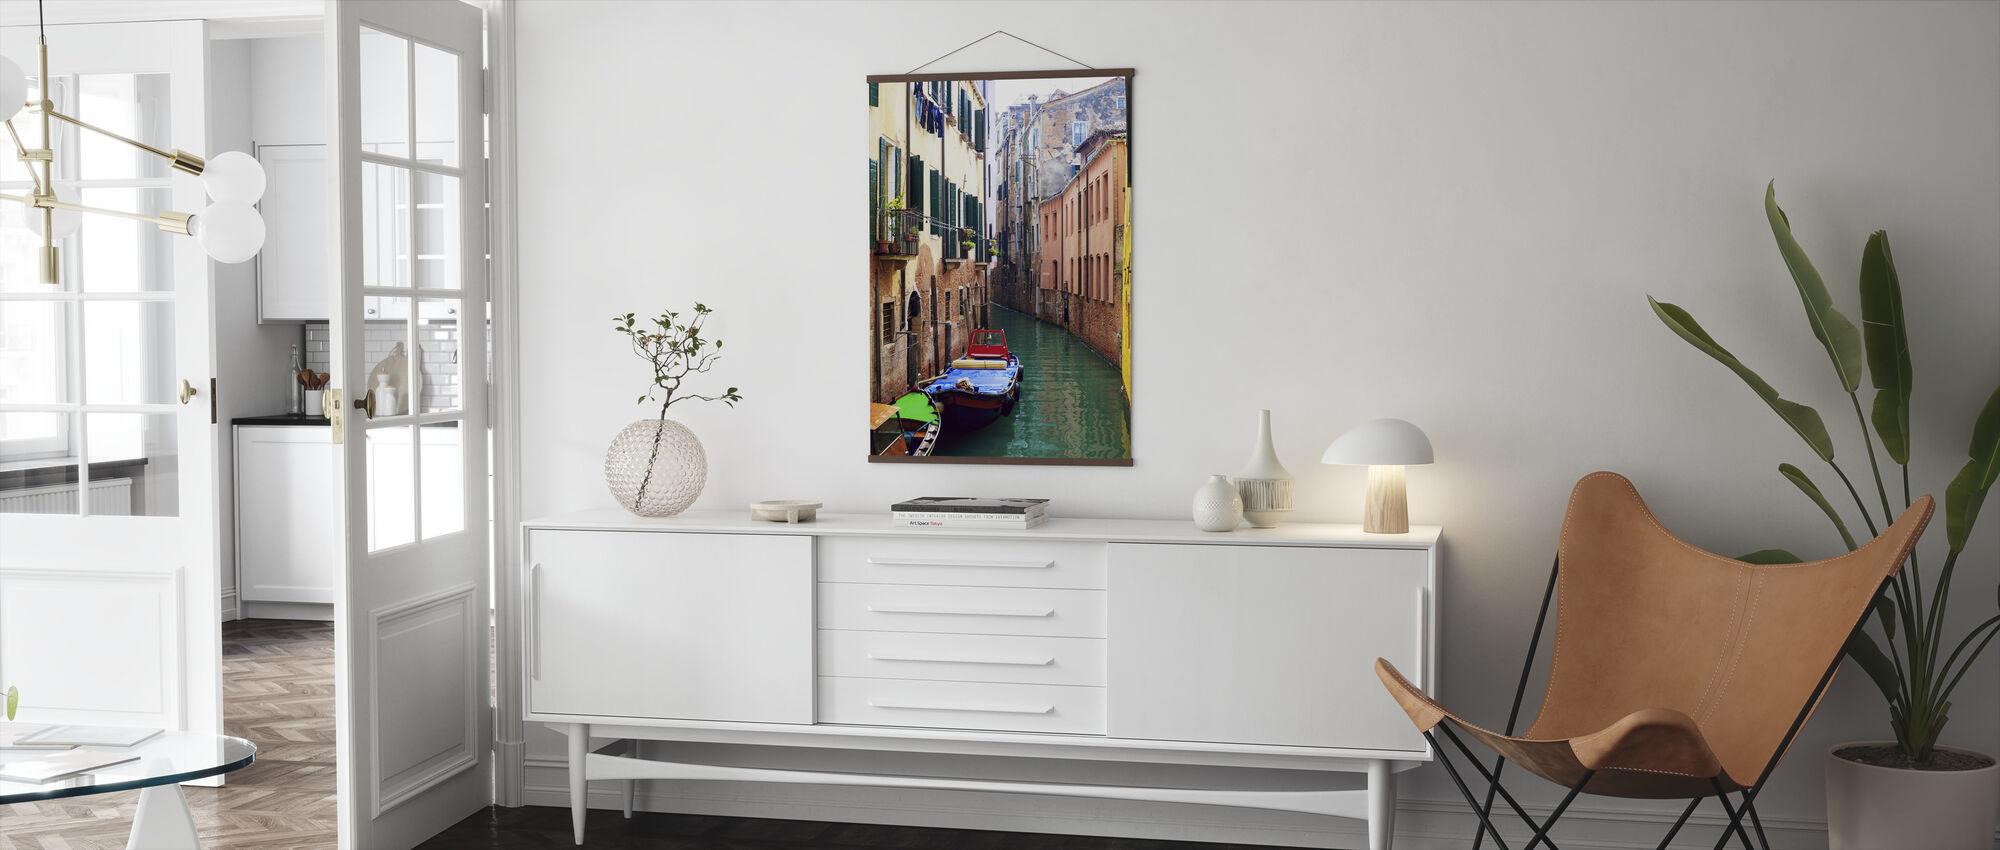 Värilliset Veneet ankkuroitu Back Street Canal - Juliste - Olohuone